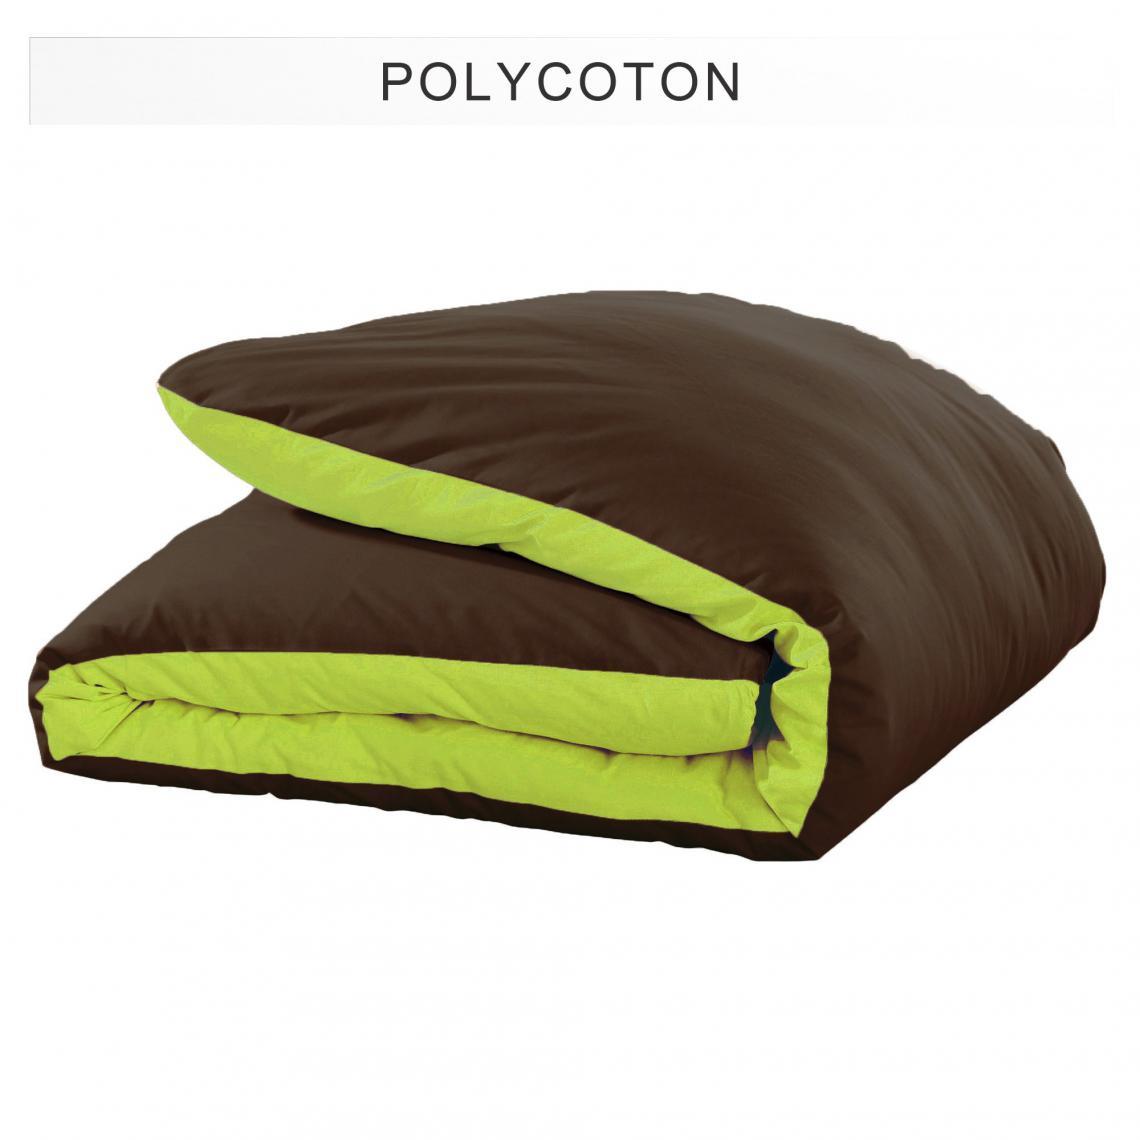 Chambre Chocolat Et Vert Anis housse de couette polycoton tertio® - vert anis/chocolat 2 avis plus de  détails